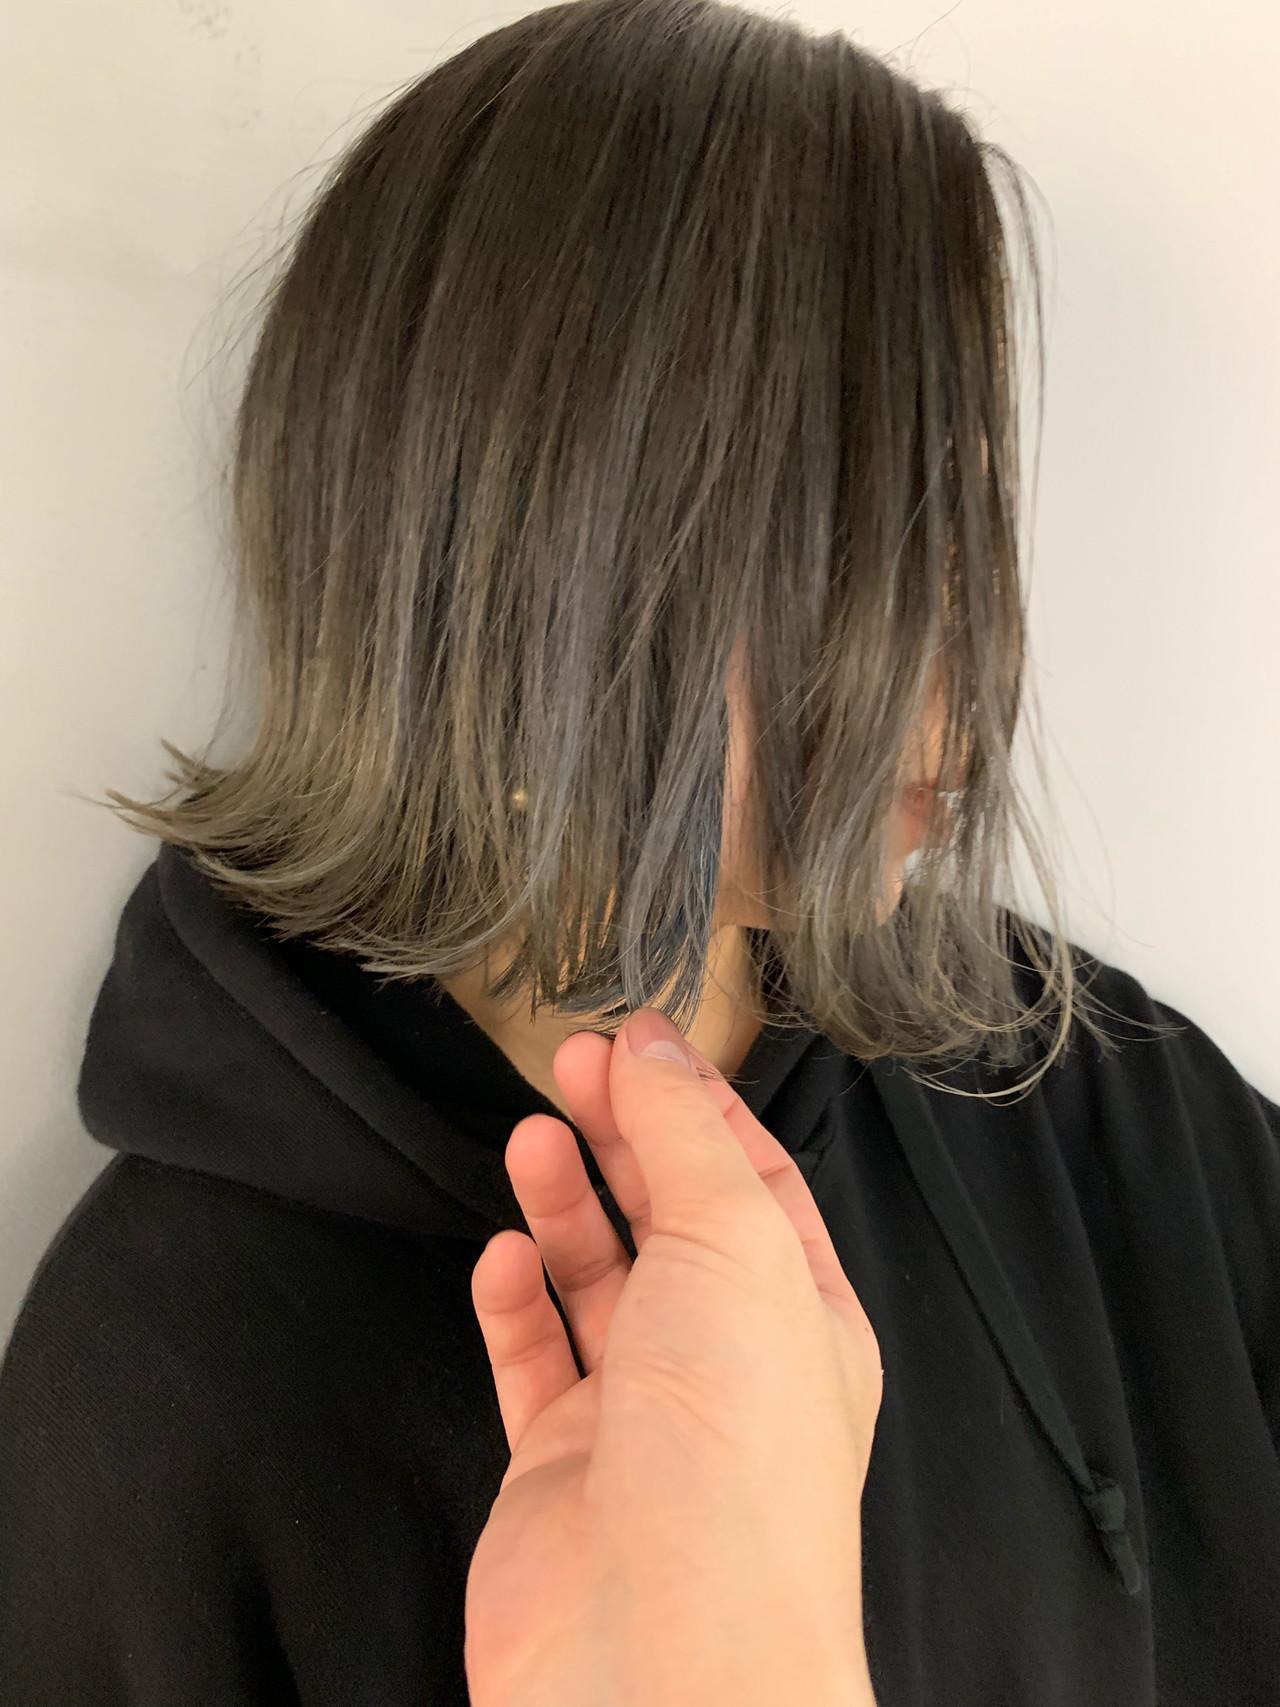 バレイヤージュ アッシュグラデーション 外ハネボブ ナチュラル ヘアスタイルや髪型の写真・画像